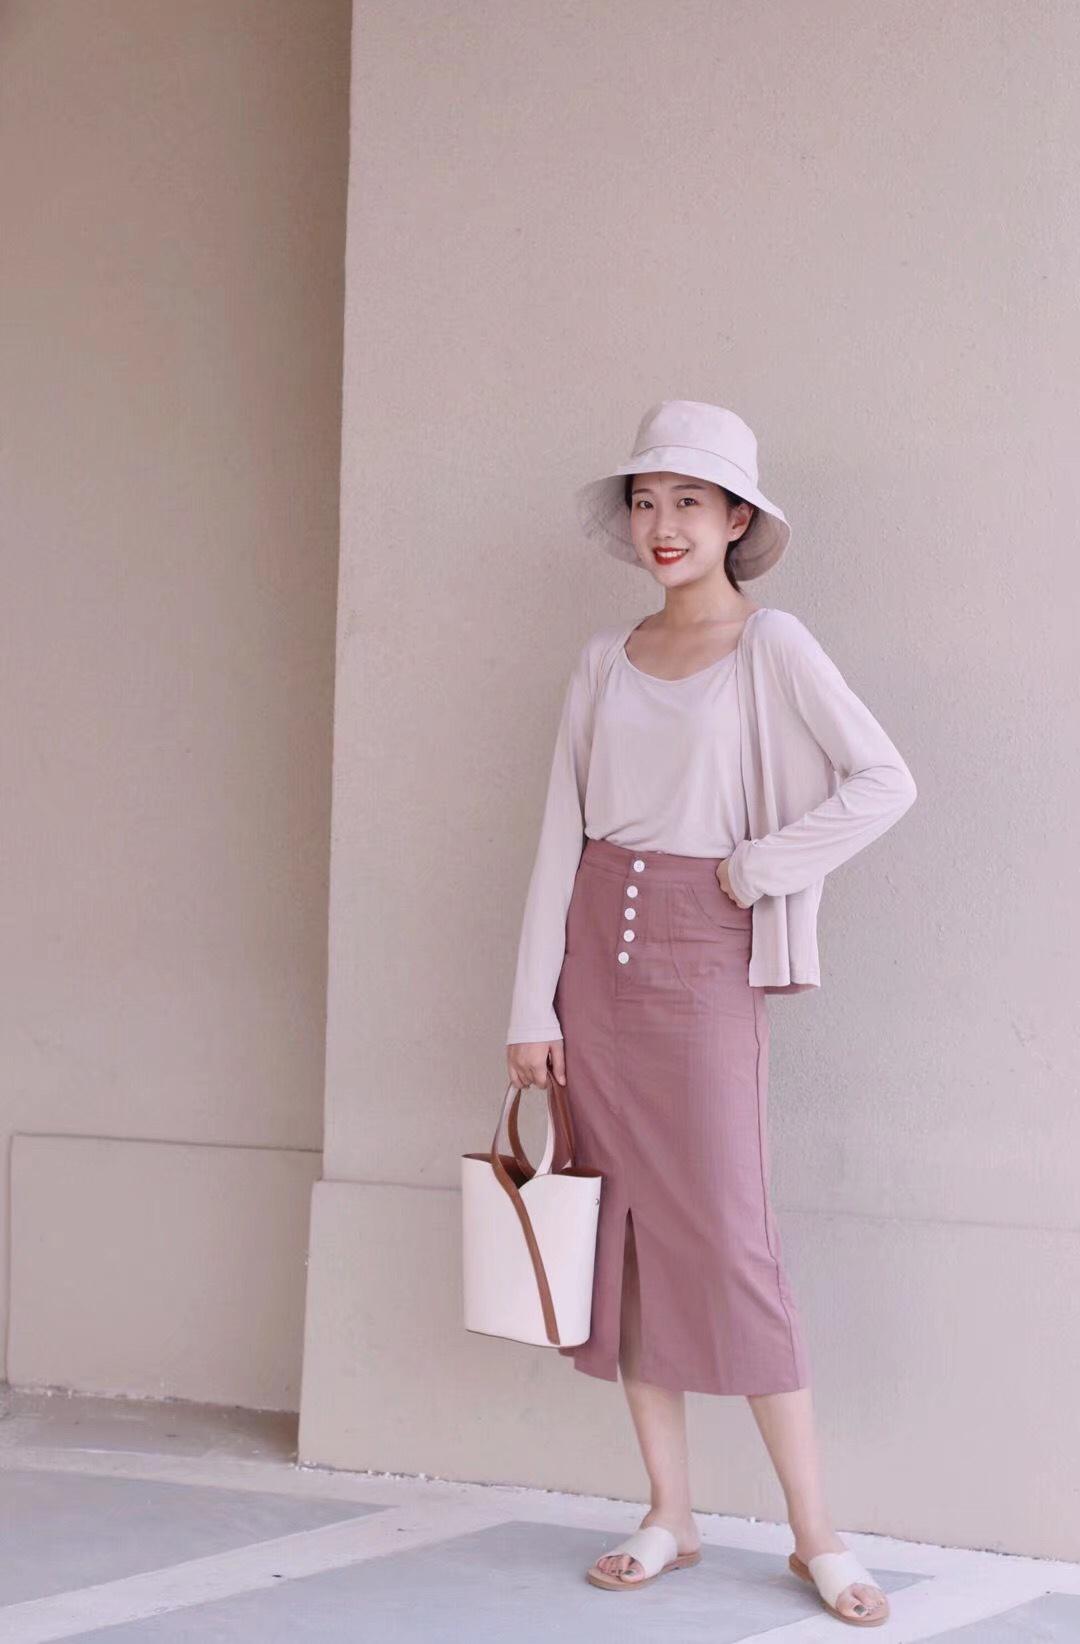 #七夕,今天我想穿它去约会!# 每日穿搭 分享一套温柔风穿搭 粉色系超适合七夕呀~ 针织衫简直是初秋必备,太好穿啦!